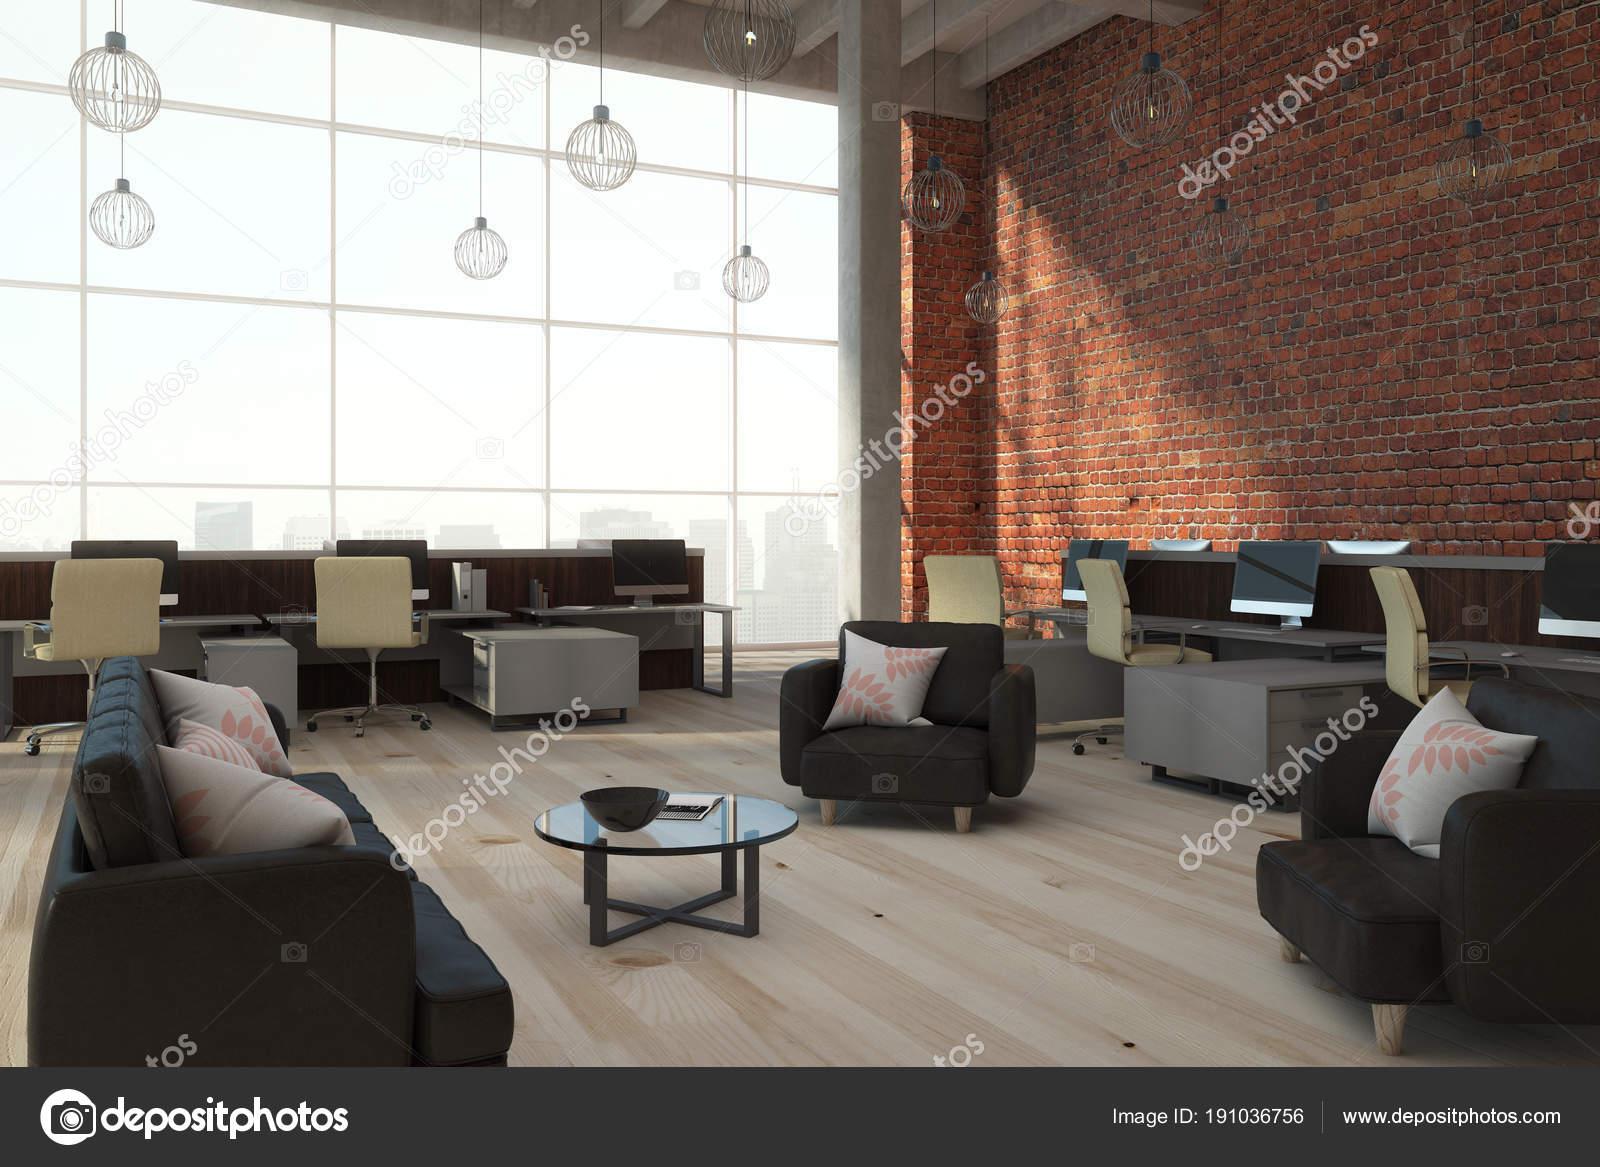 Zeitgenössische Ziegel Coworking Interieur — Stockfoto © peshkova ...